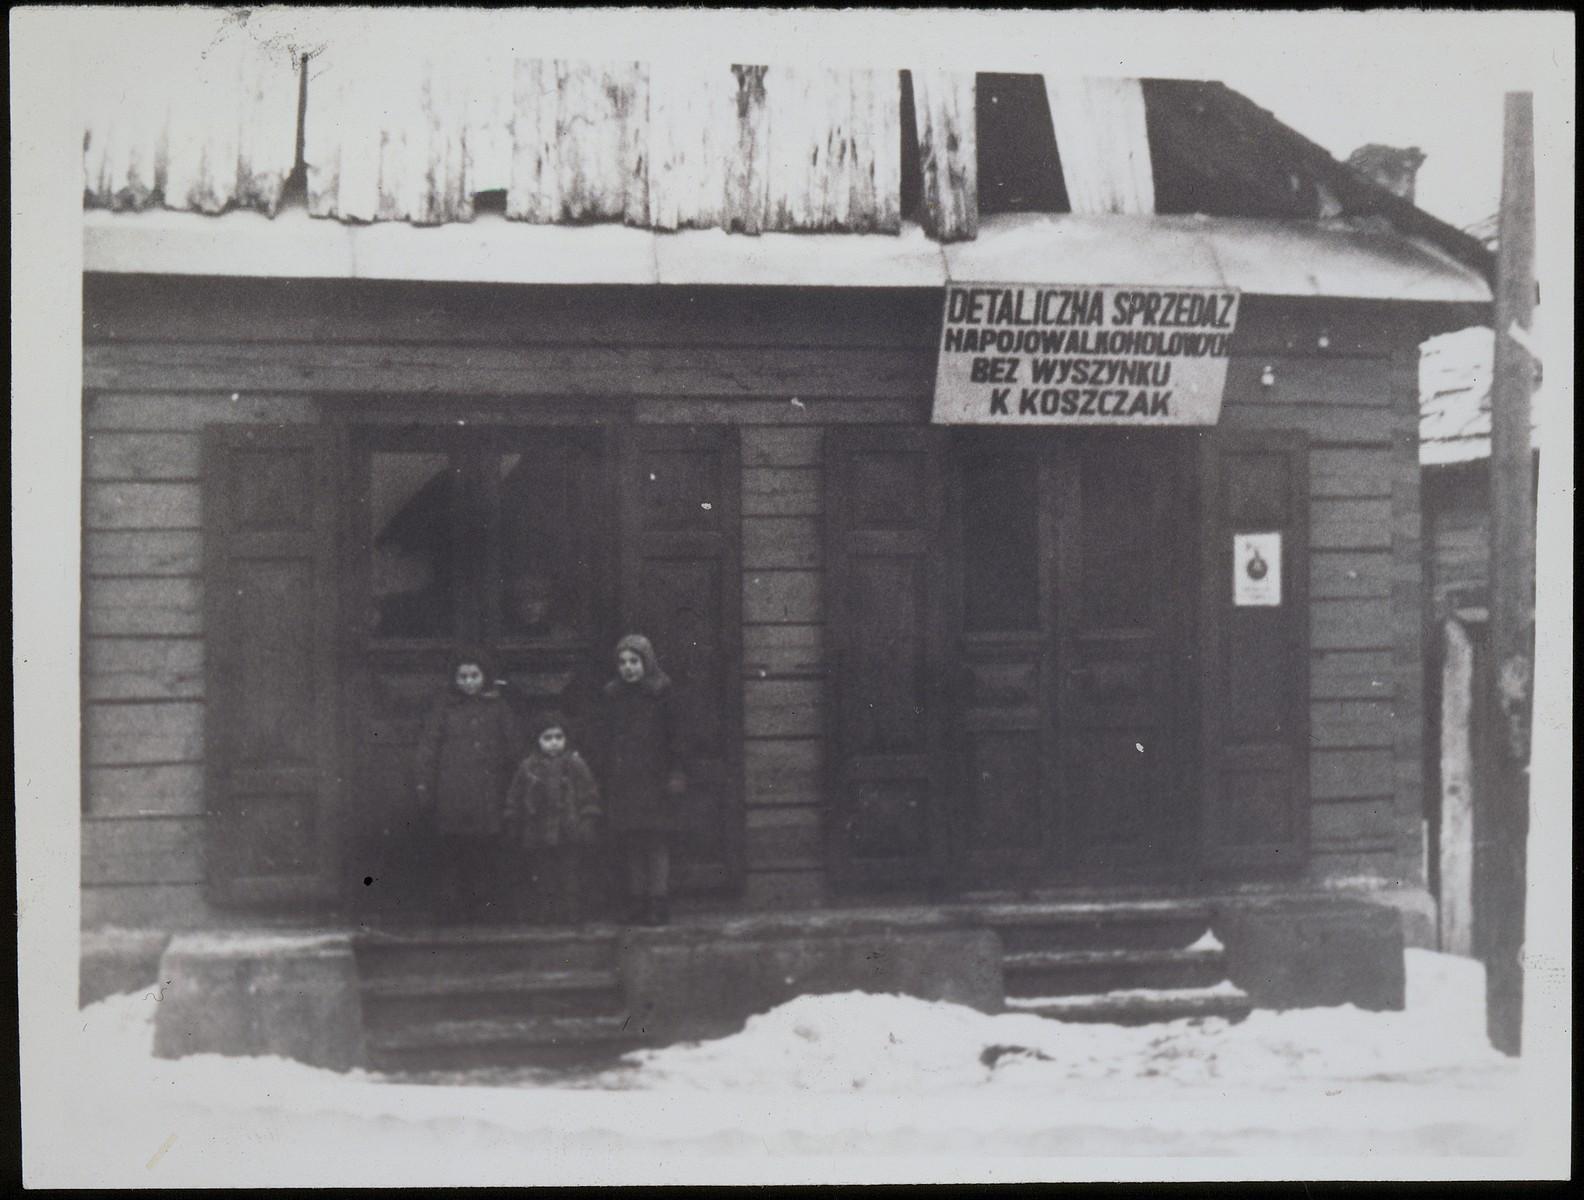 View of Koszczak's liquor store.